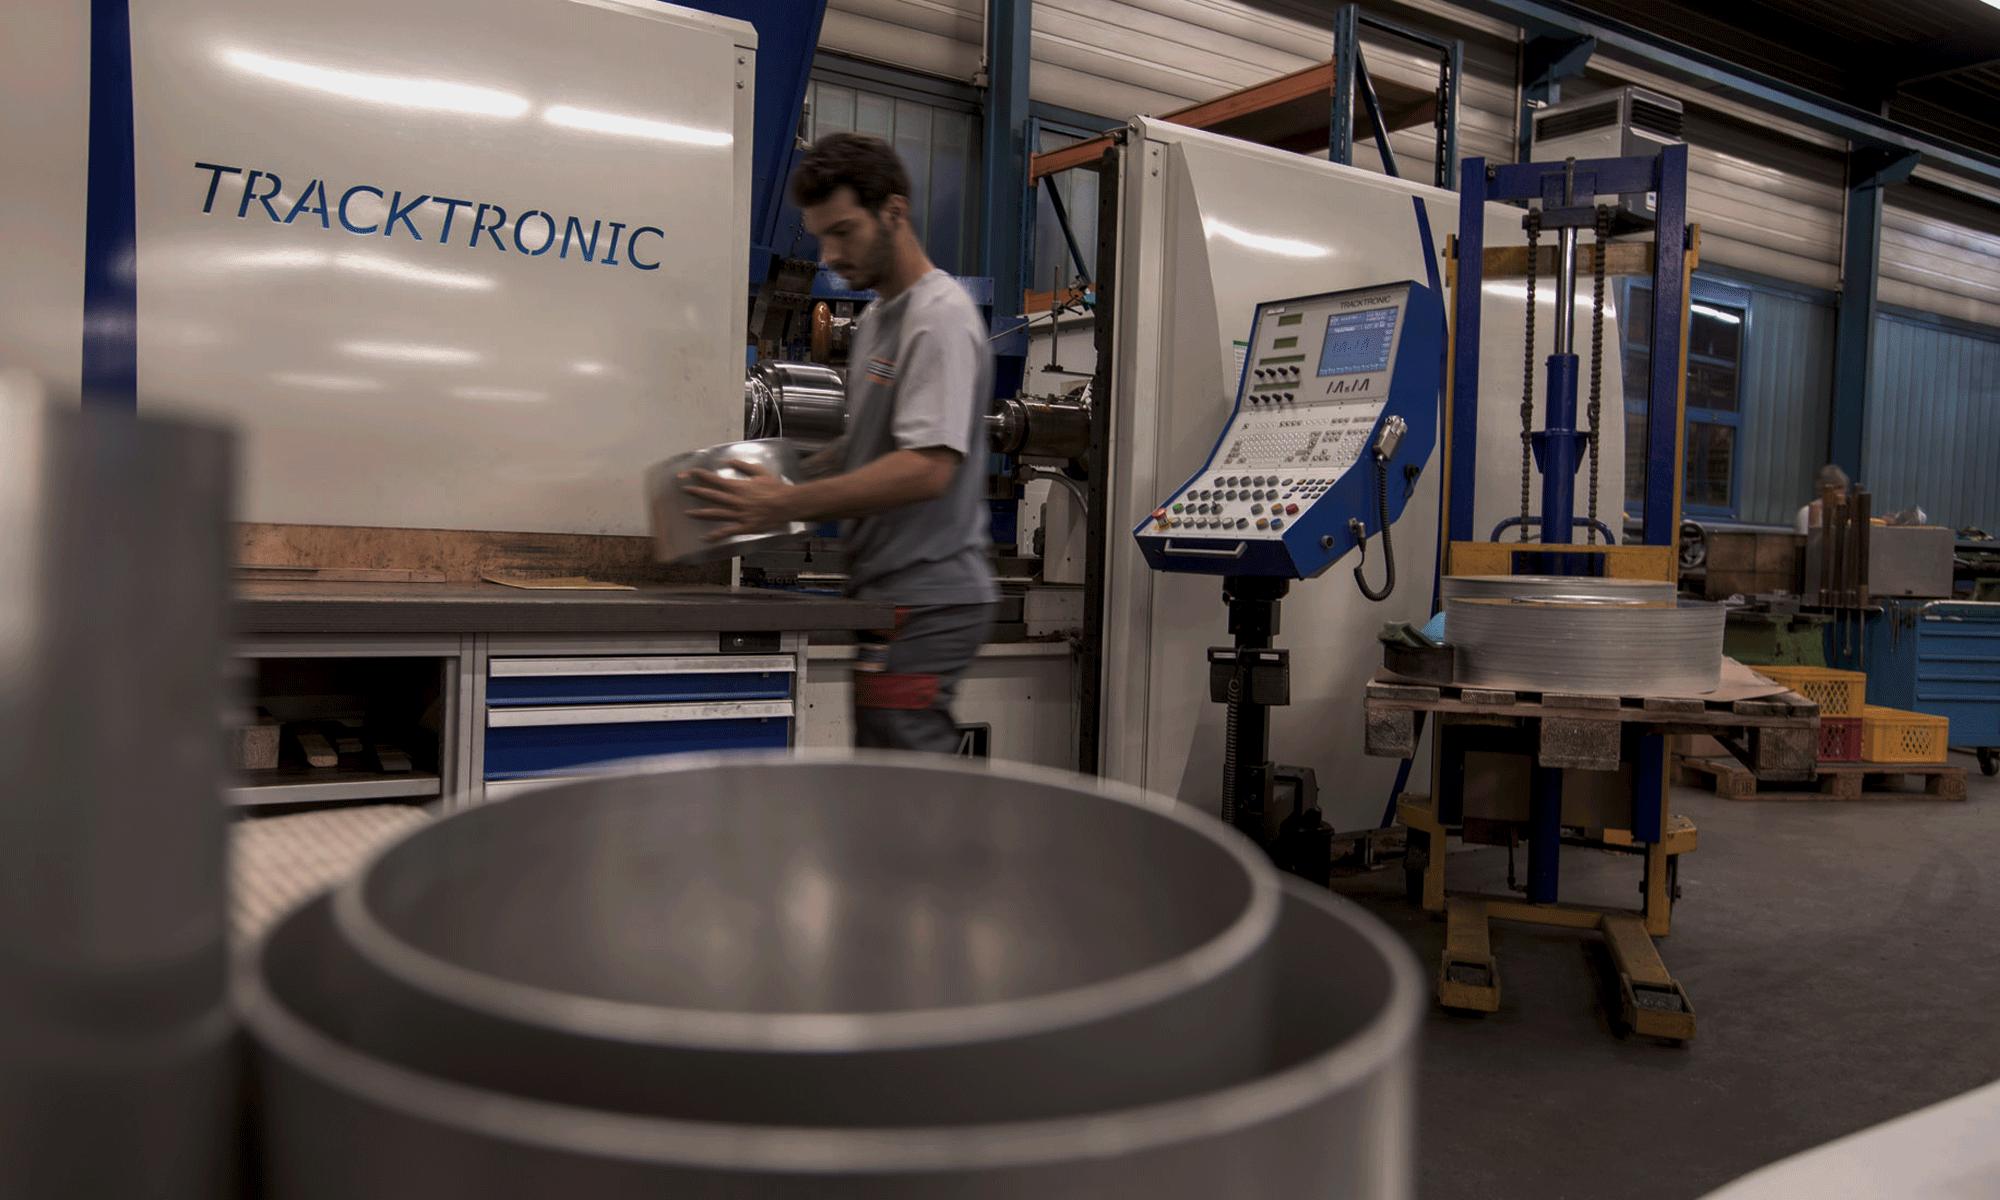 Fertigungsverfahren_Metalldruecken_MK4_9904_s